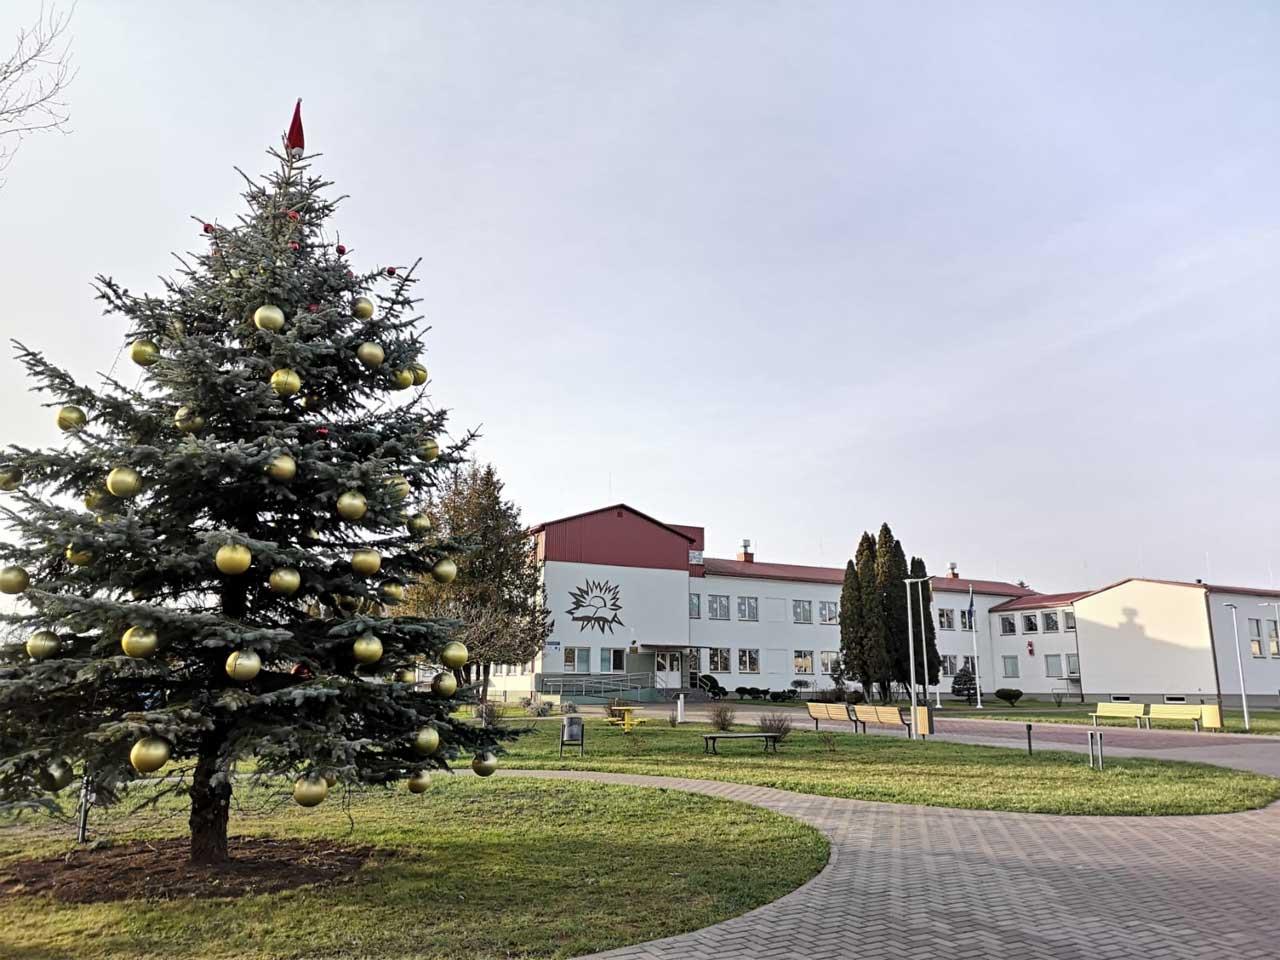 Weihnachtsfeier 2019 in Zelsva - Weihnachtsbaum vor der Schule